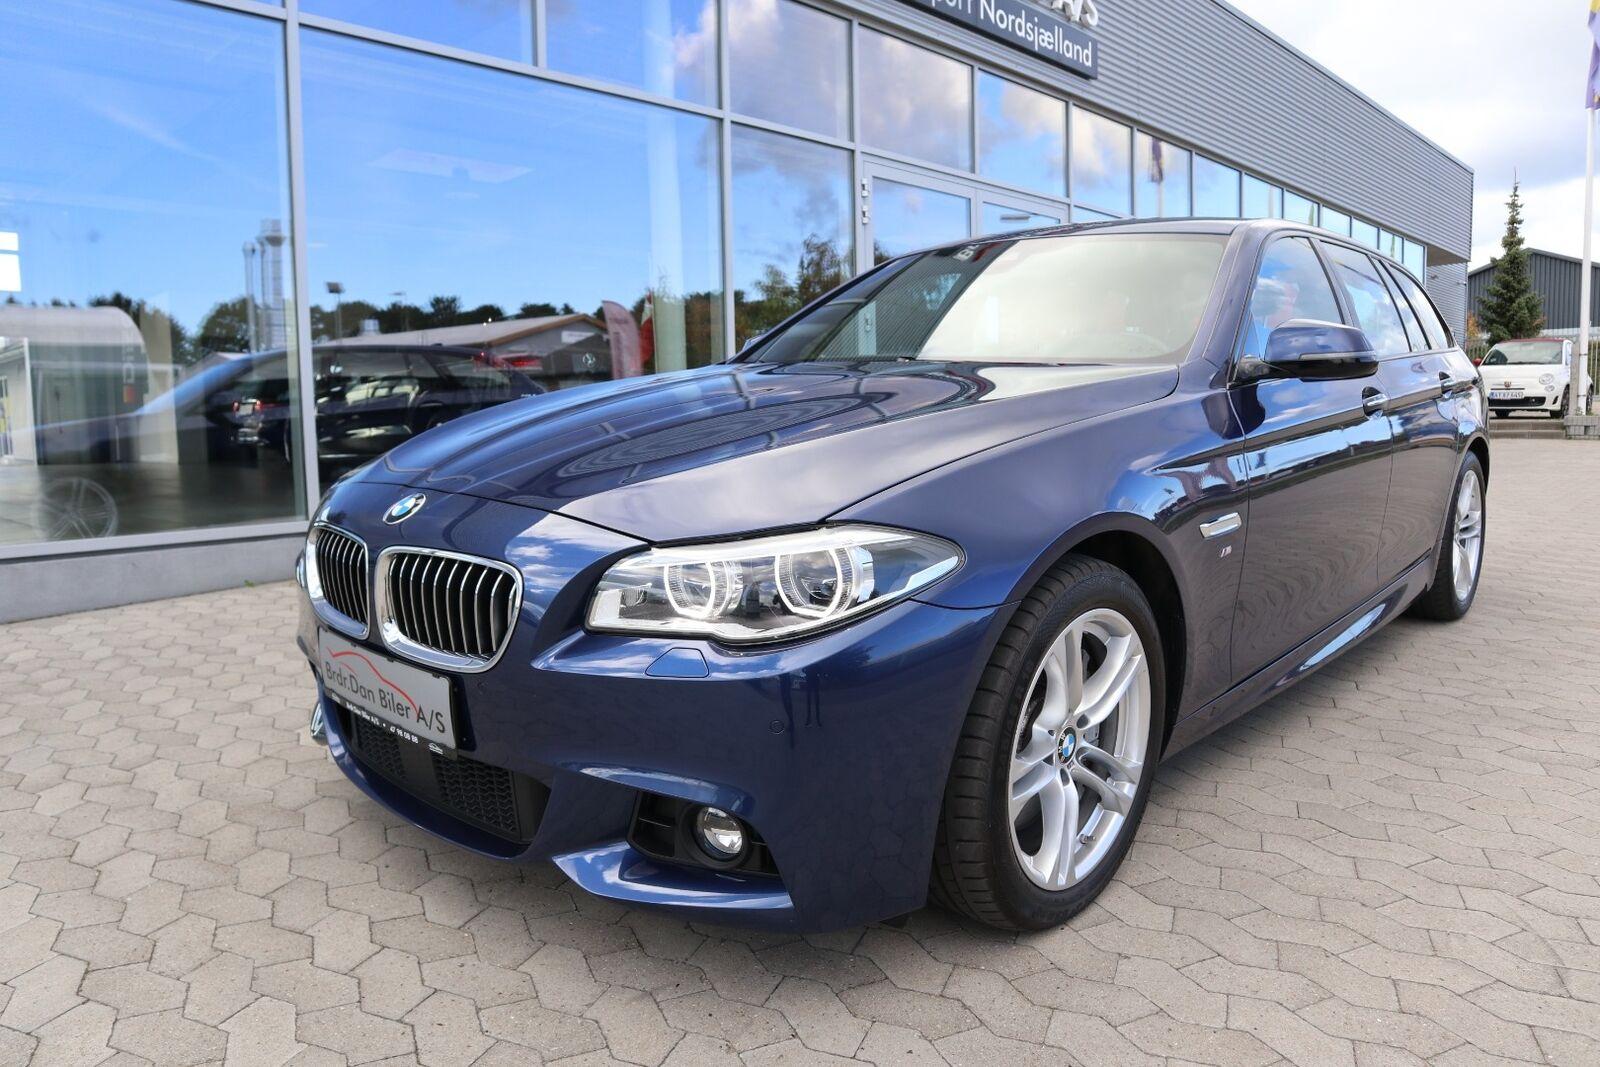 BMW 530d 3,0 Touring M-Sport xDrive aut. 5d - 525.800 kr.